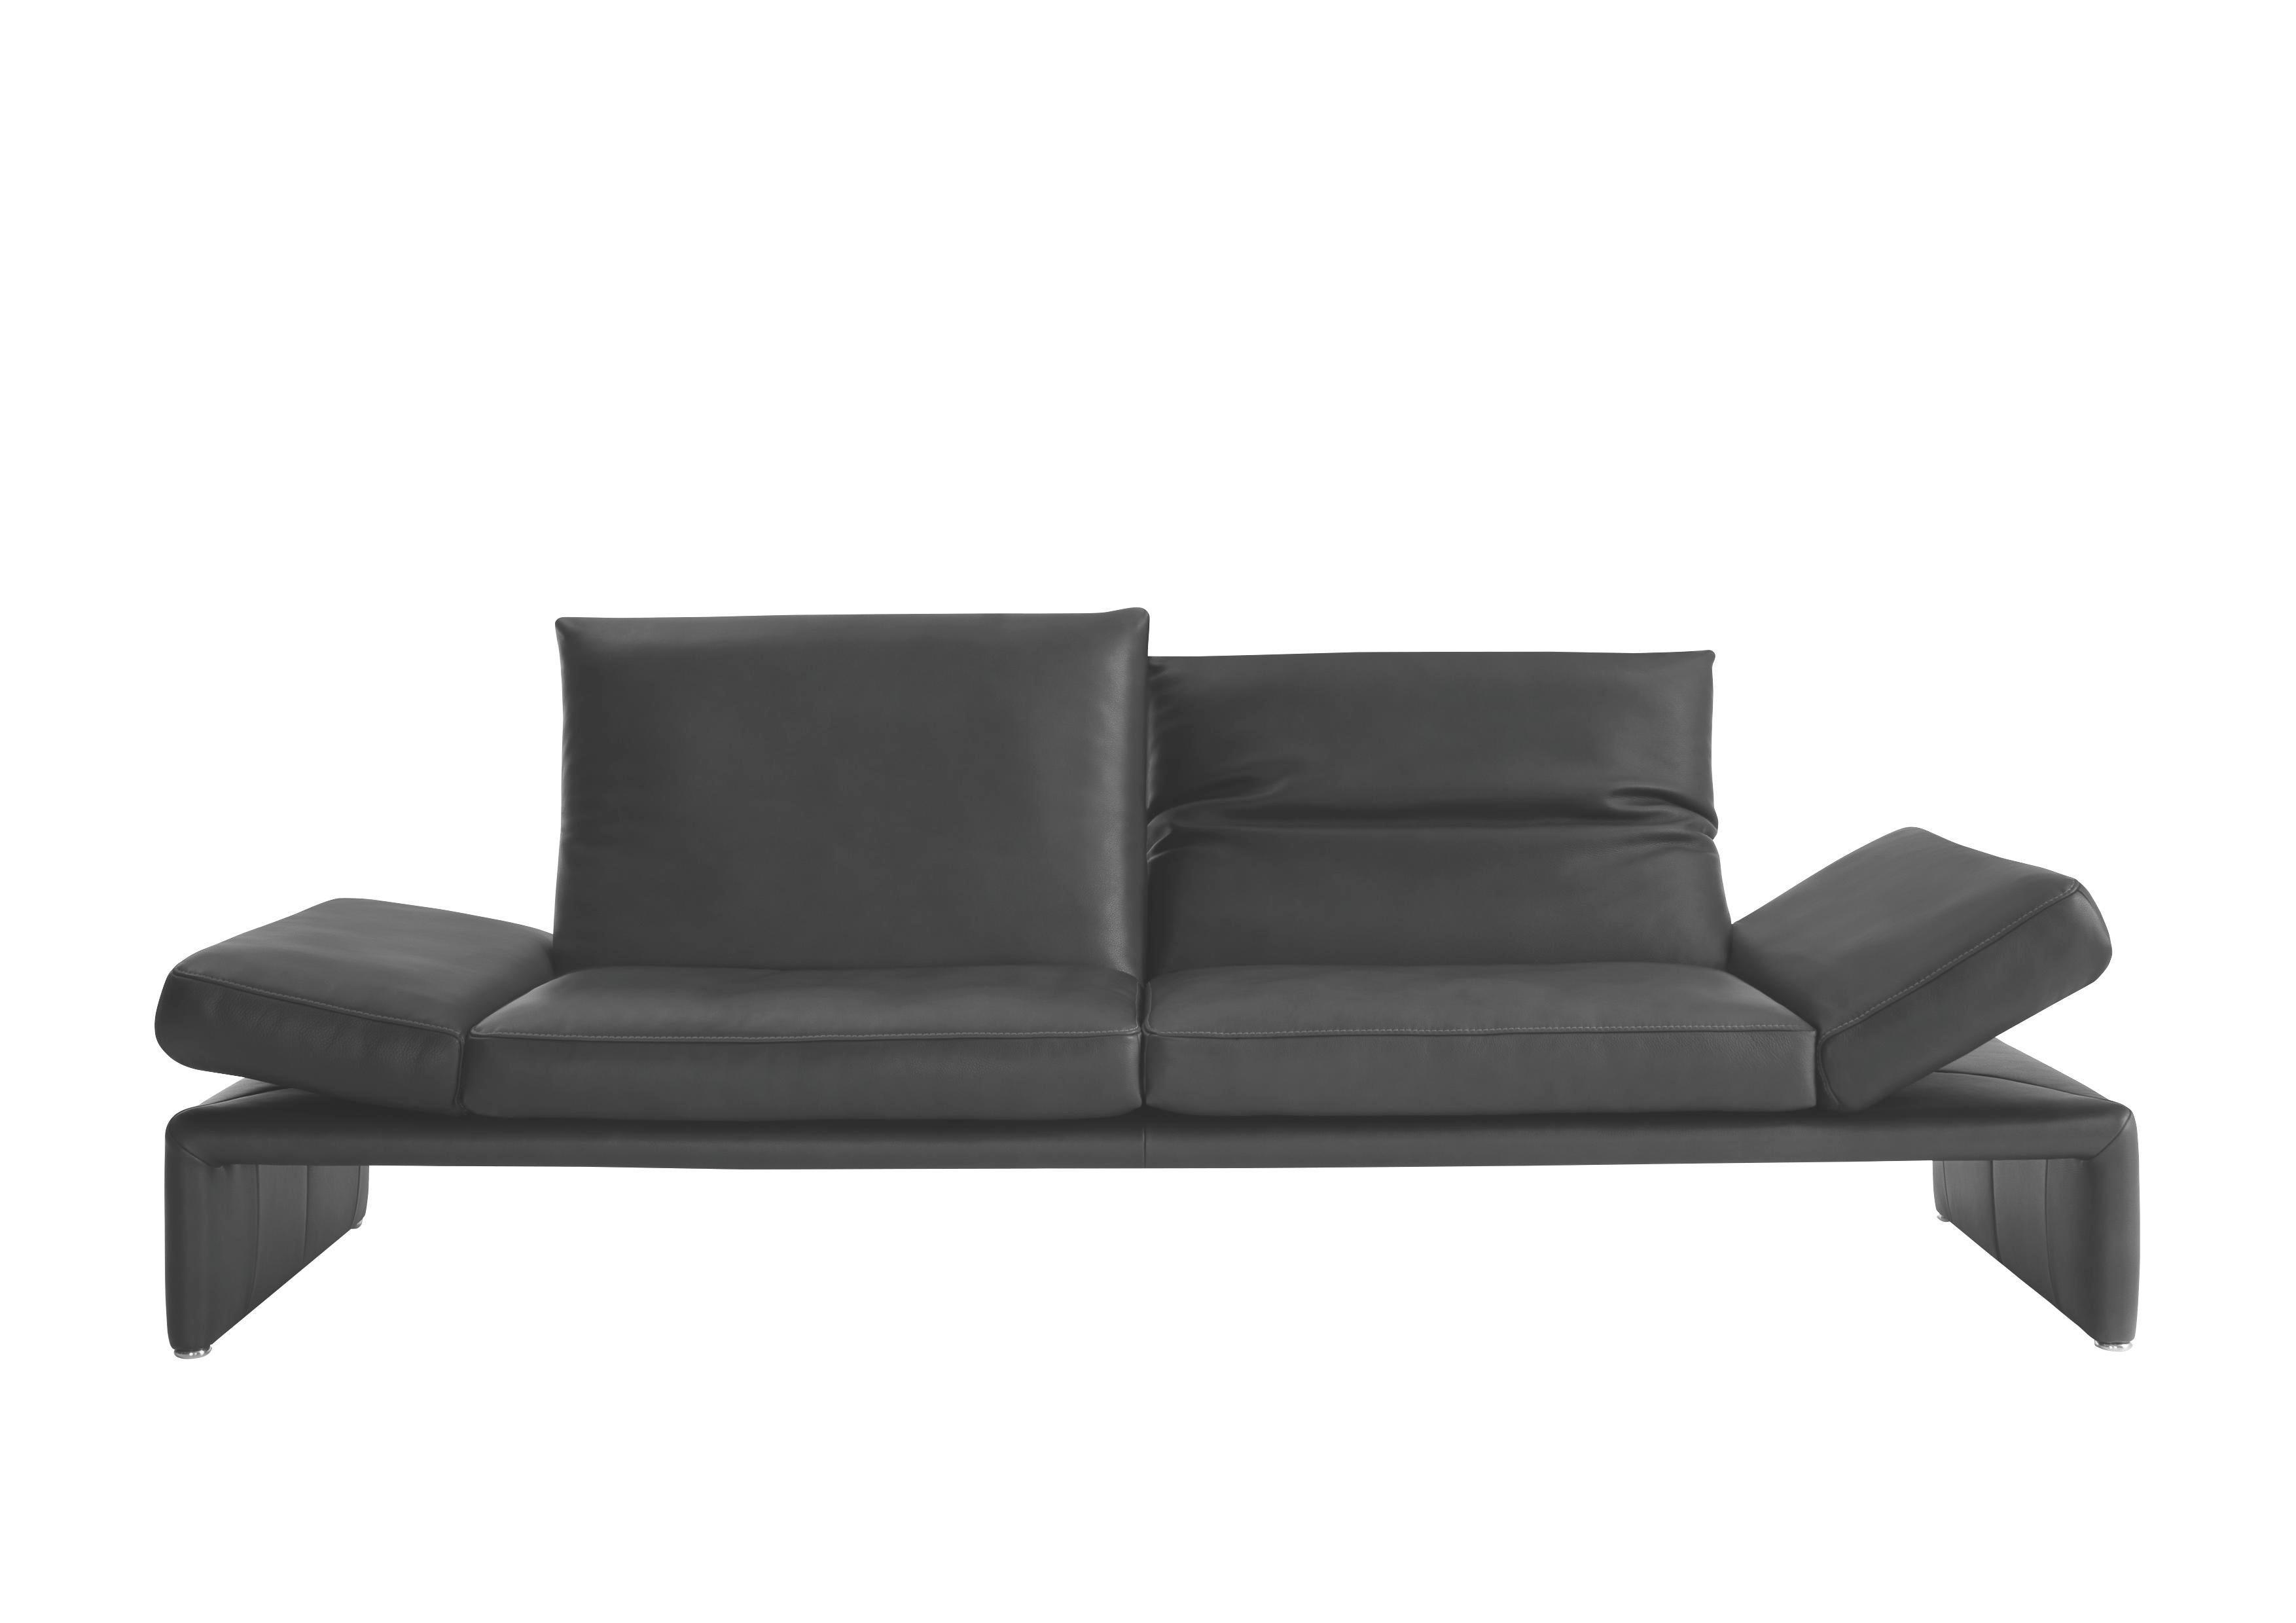 SOFA Echtleder Schwarz - Schwarz/Alufarben, Design, Leder/Metall (206/73/92cm) - KOINOR